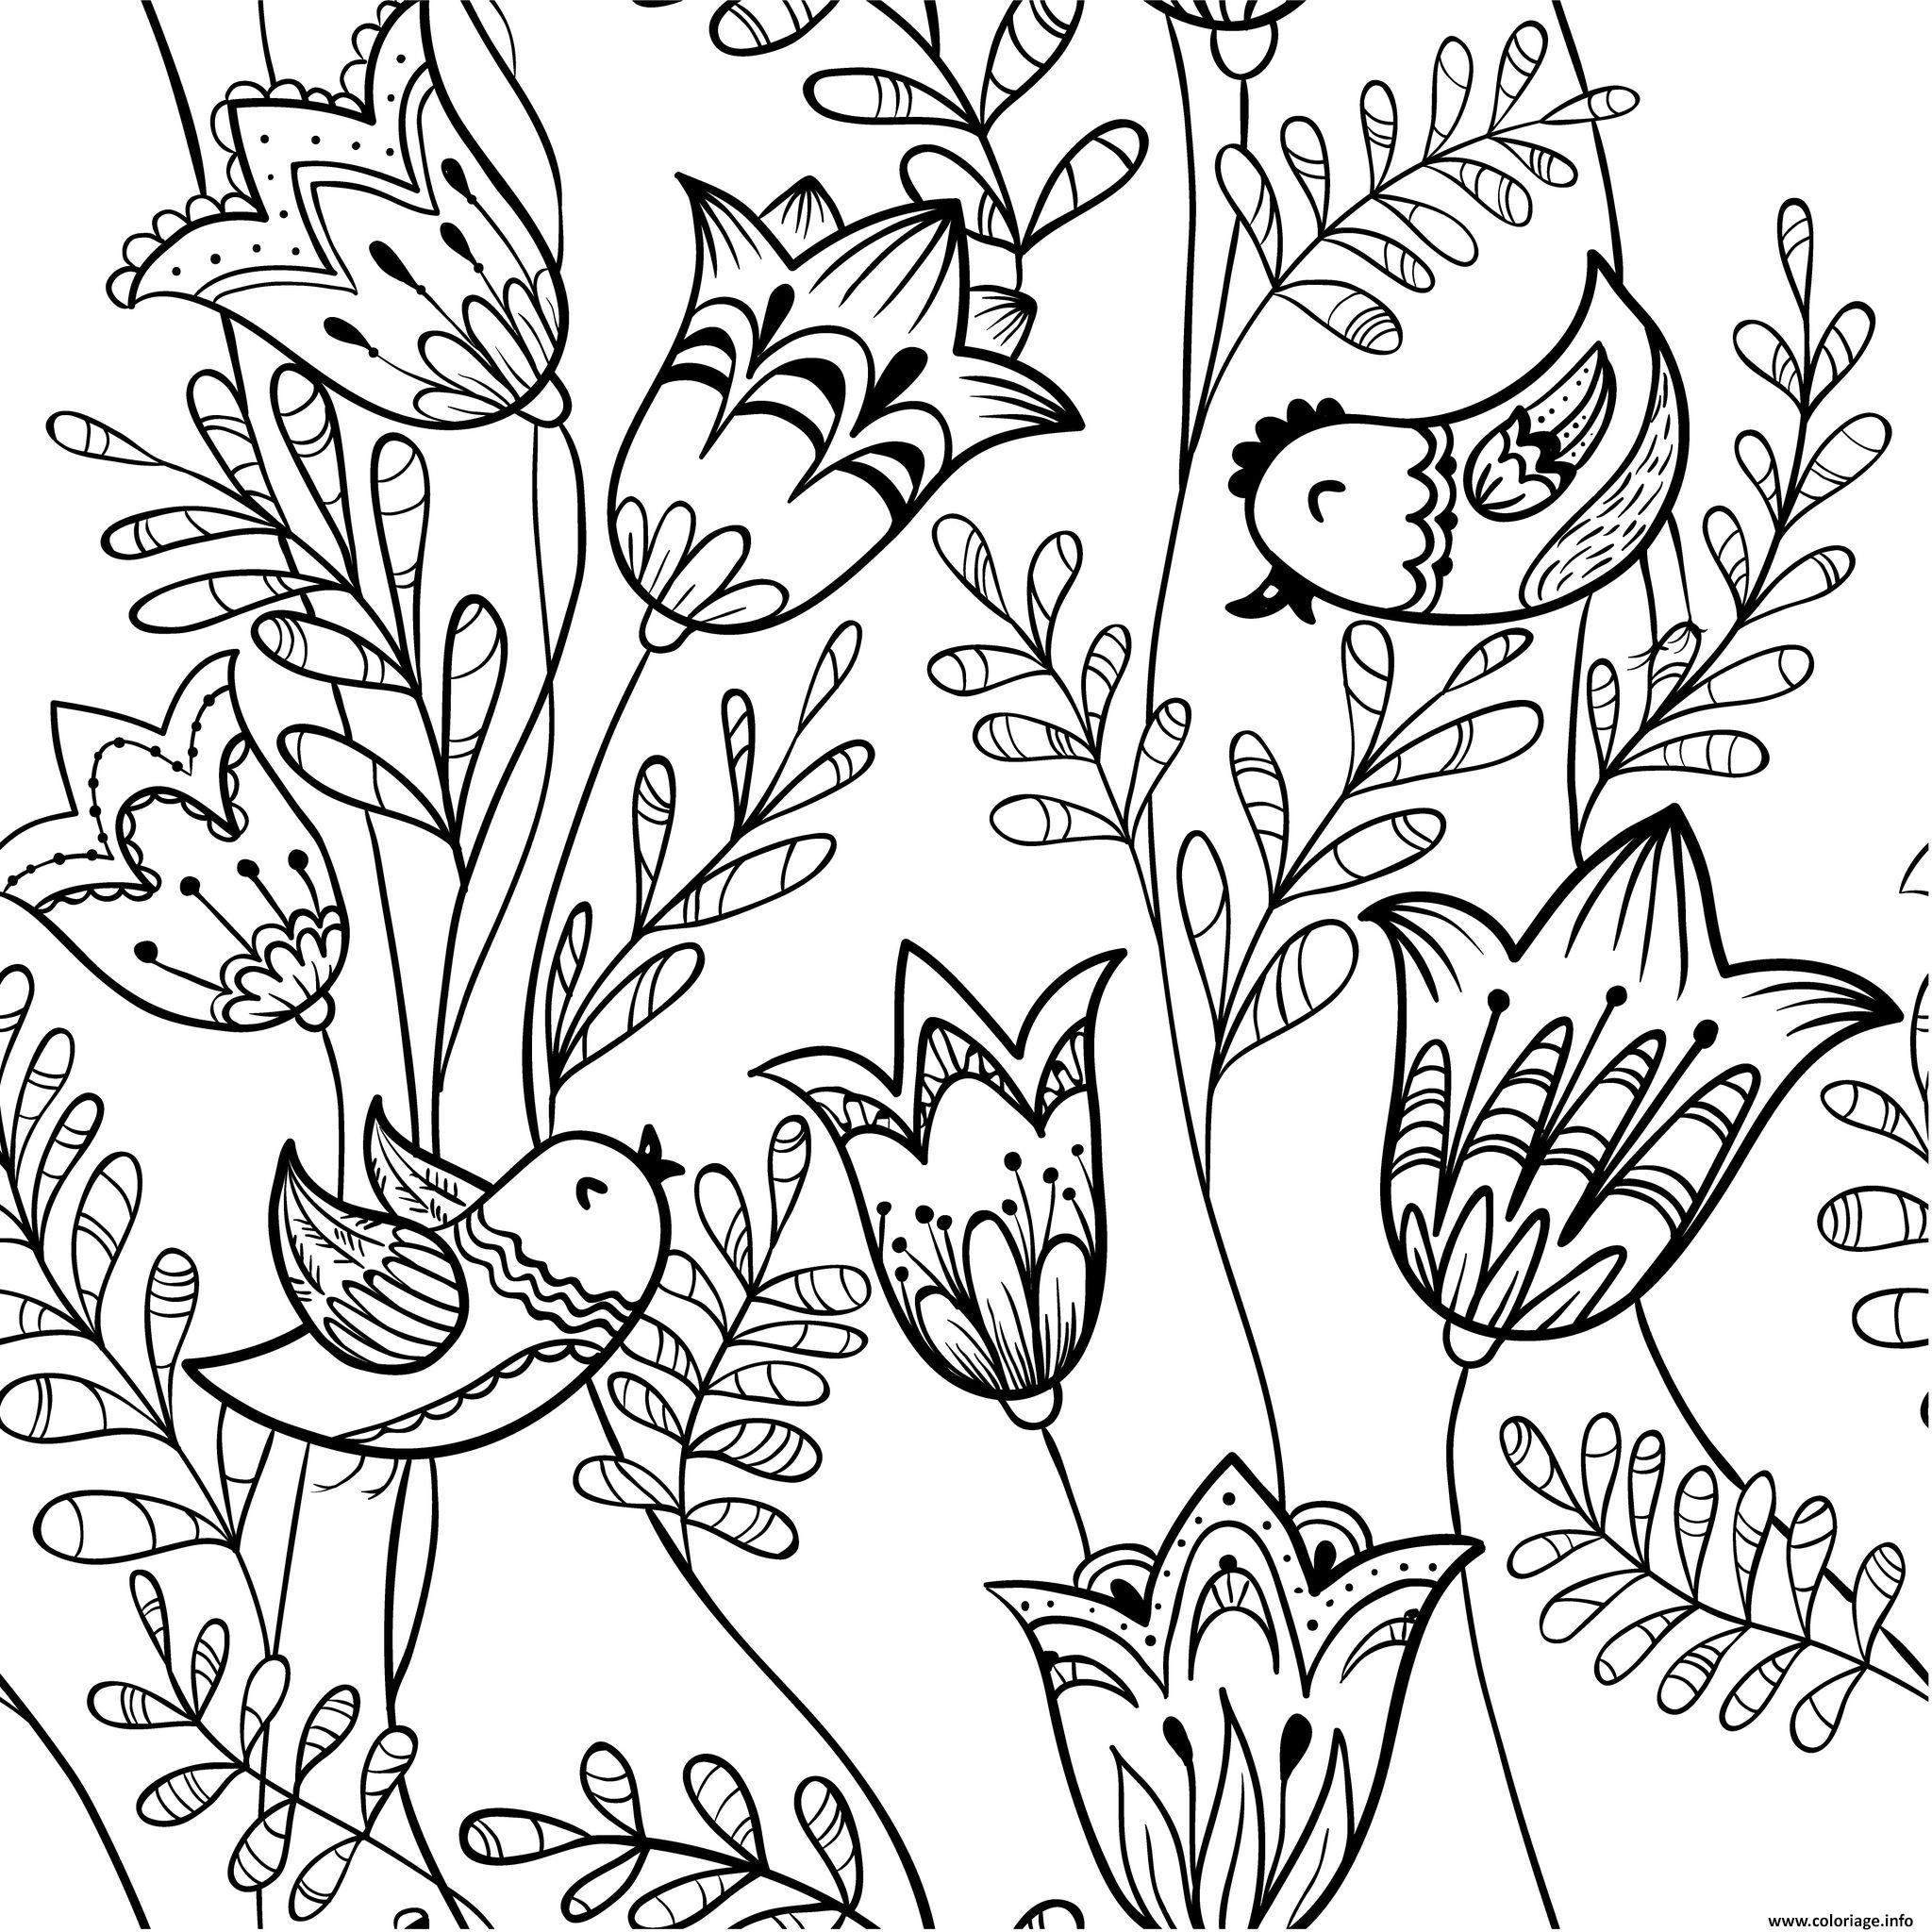 Coloriage Fleurs Exotiques Avec Des Oiseaux Dessin